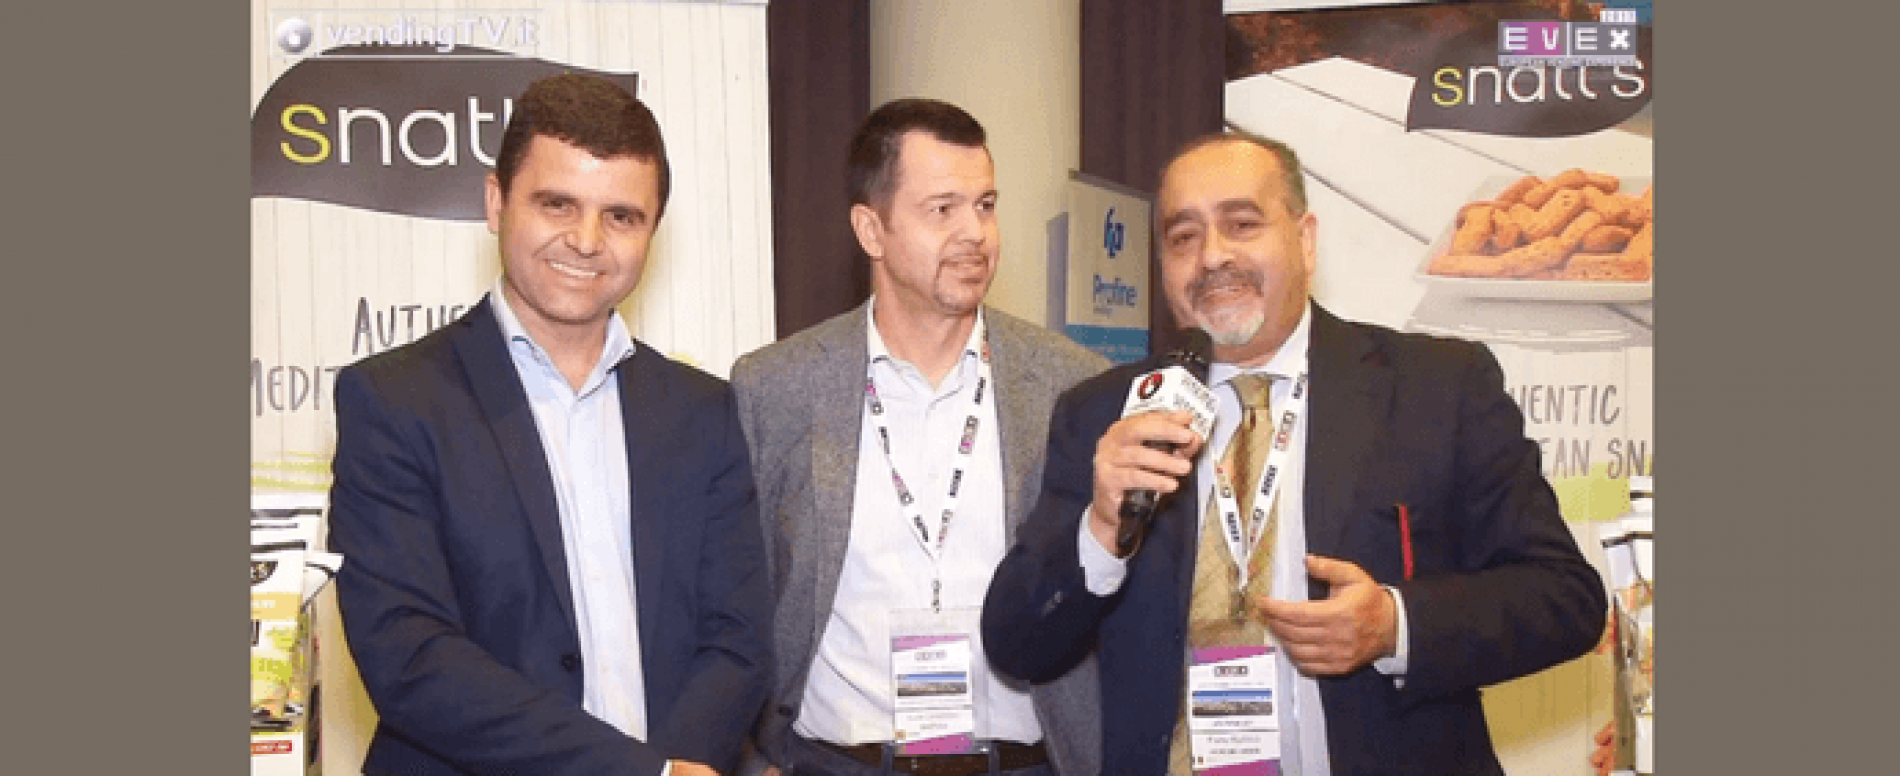 Evex 2017. Intervista con D. Ross di Grefusa e L. Zaniboni di Dispensa Zaniboni